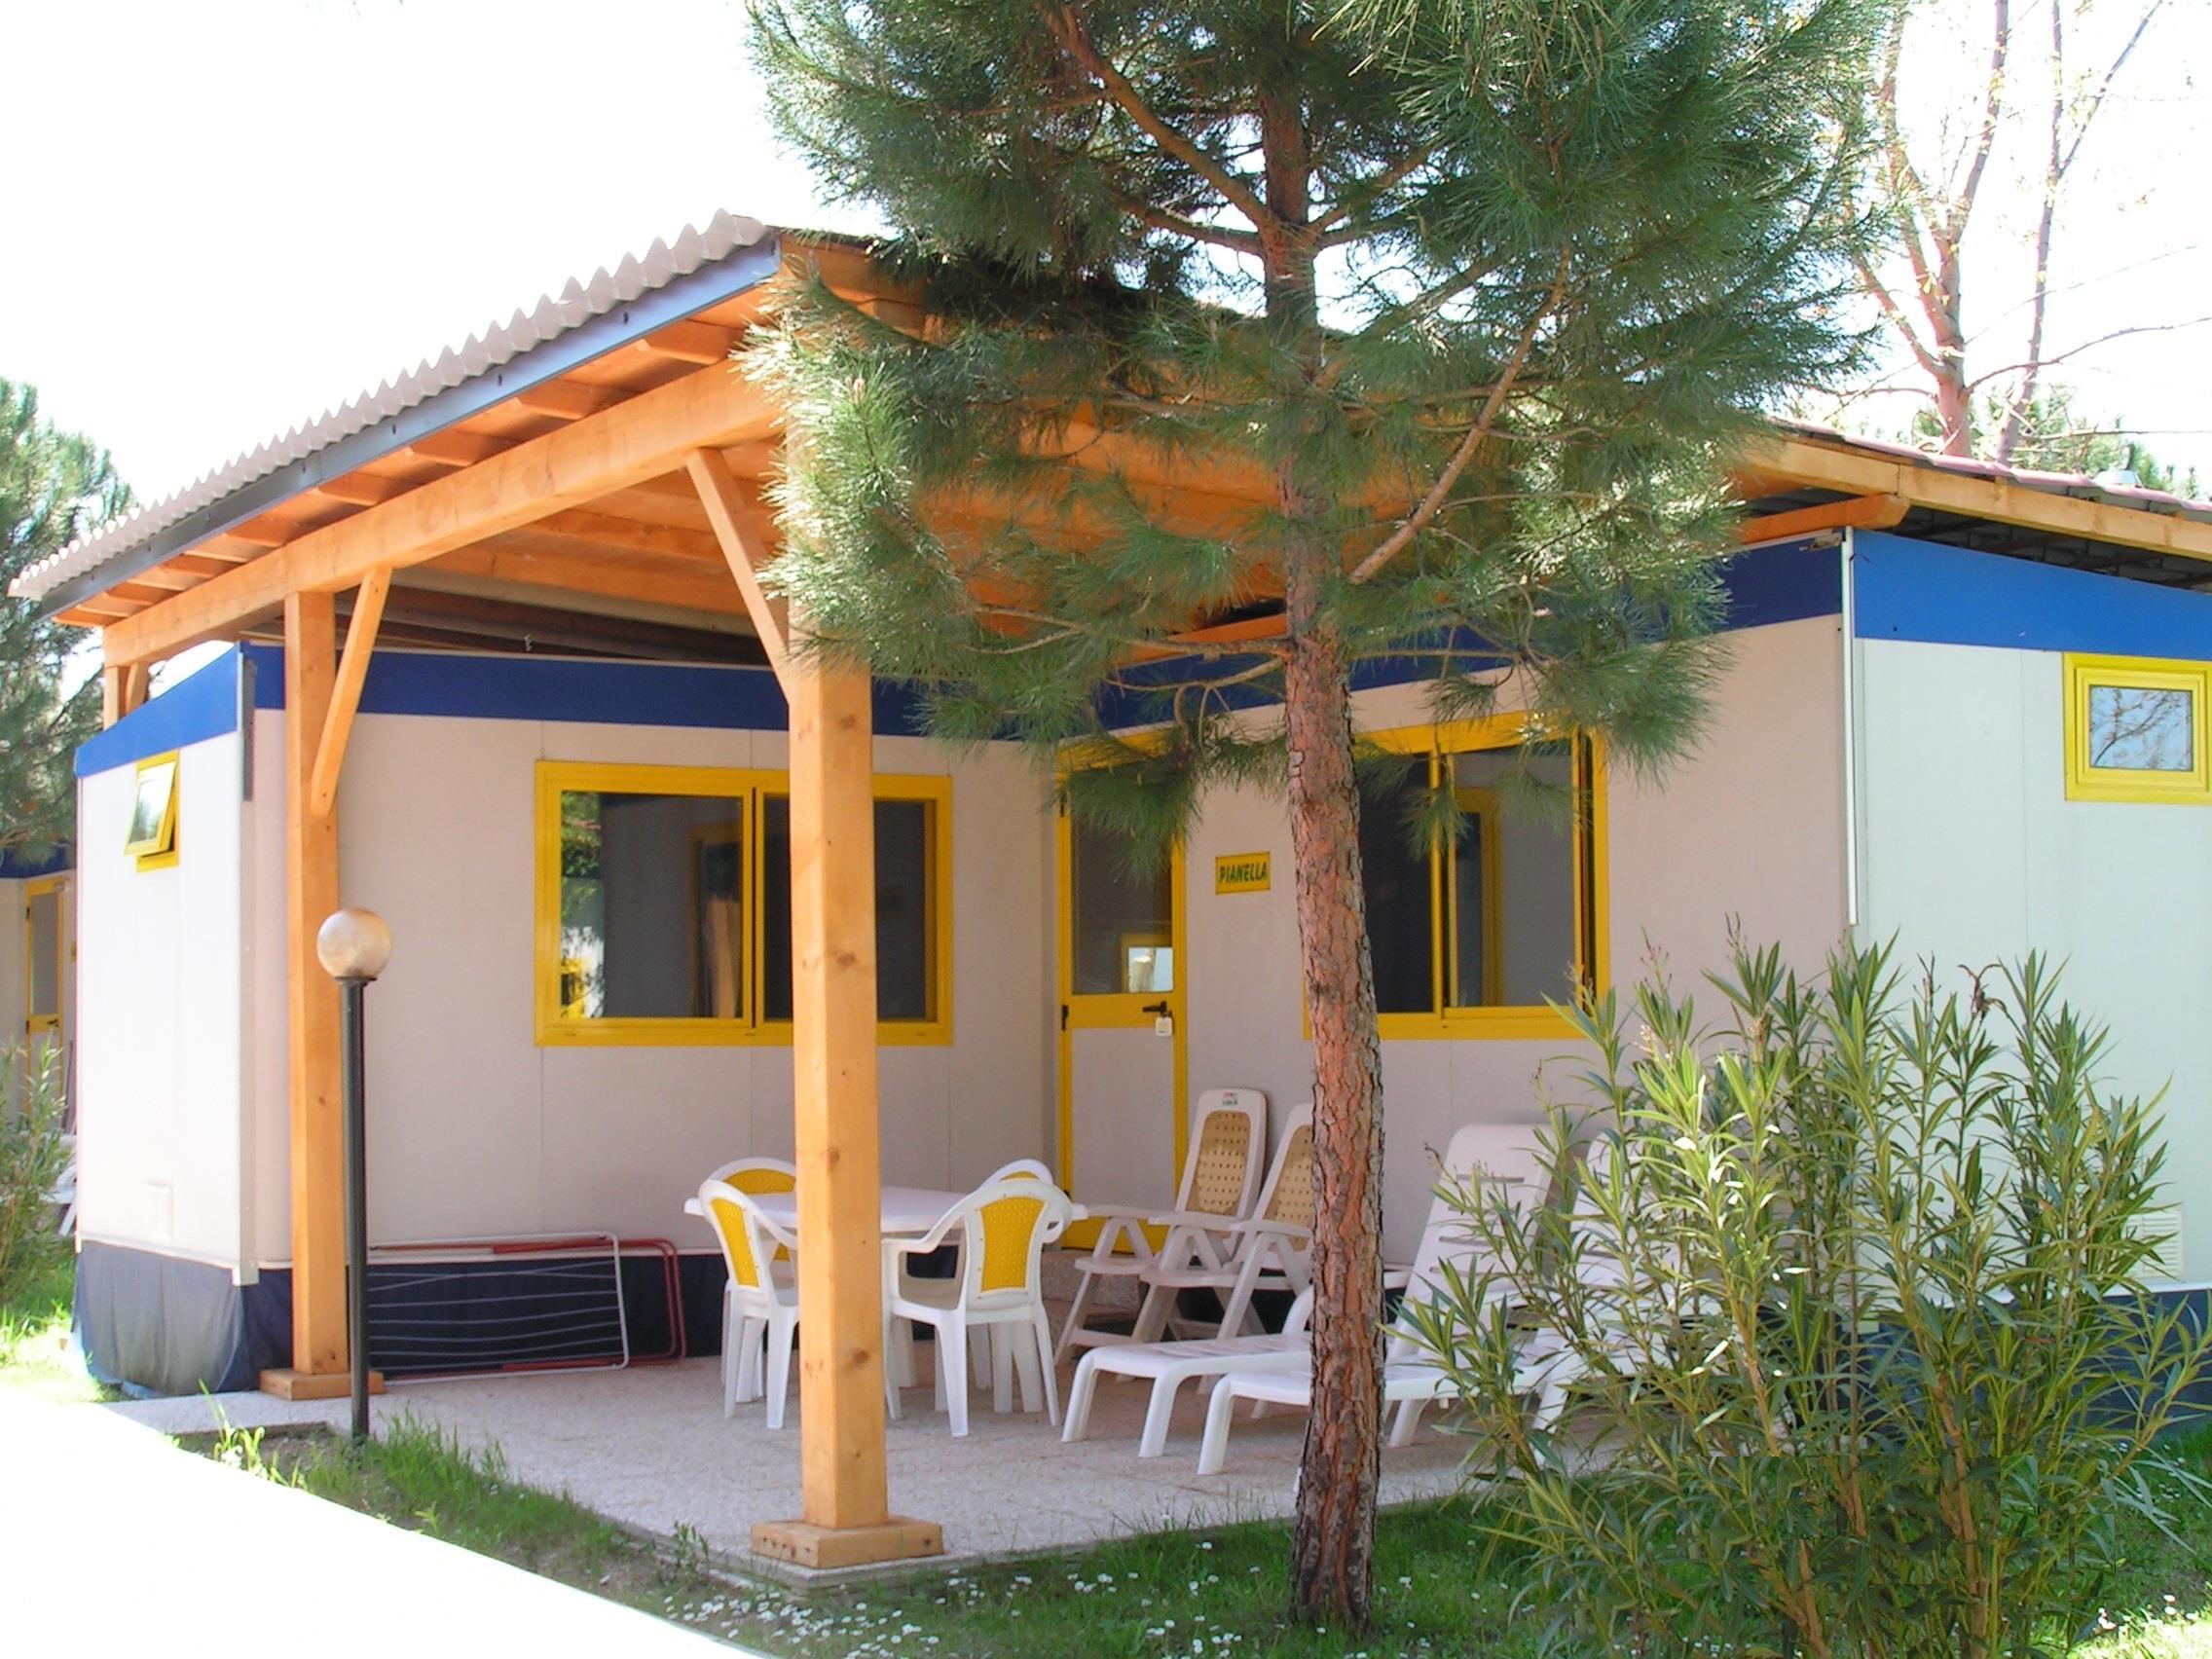 Casa Mobile ADAC 28 m² - 4 Posti Letto - 2 bagni - veranda